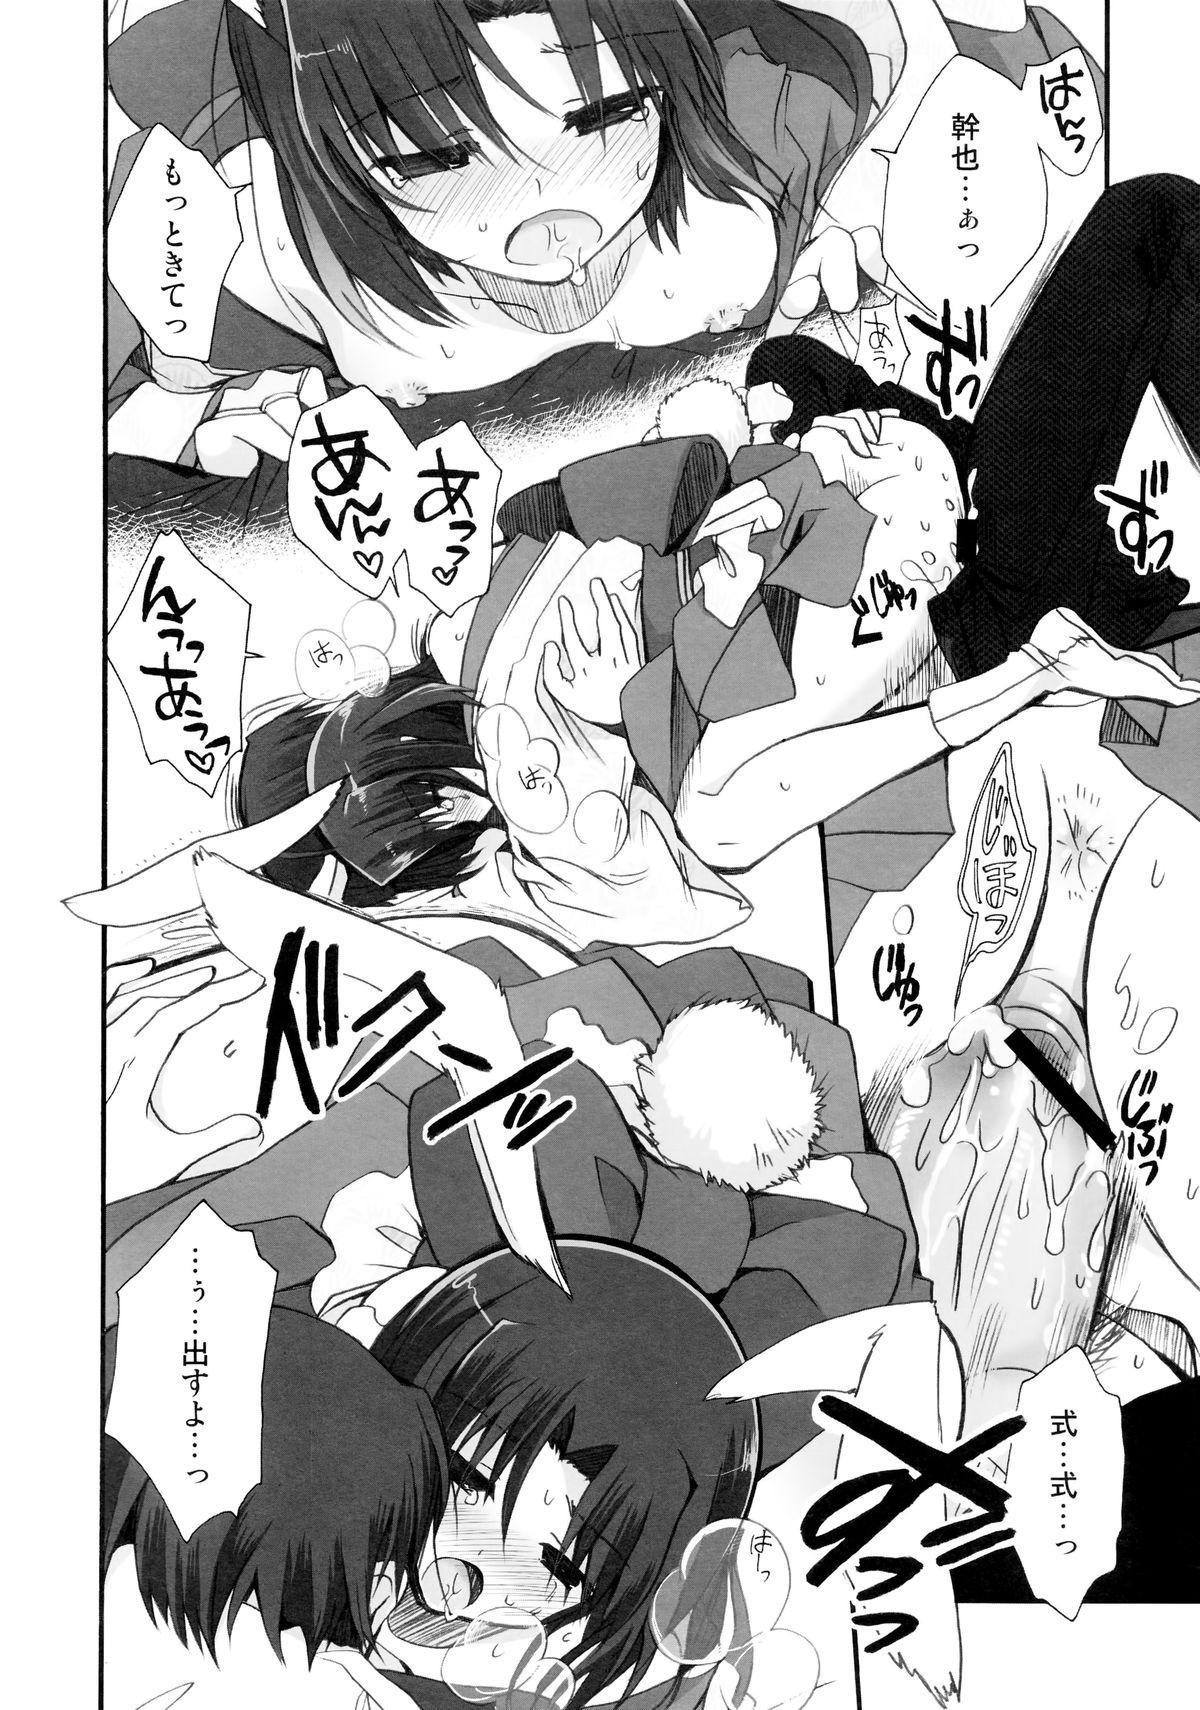 (C84) [Alkaloid (Izumiya Otoha)] Kubi-kiri Bunny Ryougi Shiki-chan no Ecchi na Hon. (Kara no Kyoukai) 17